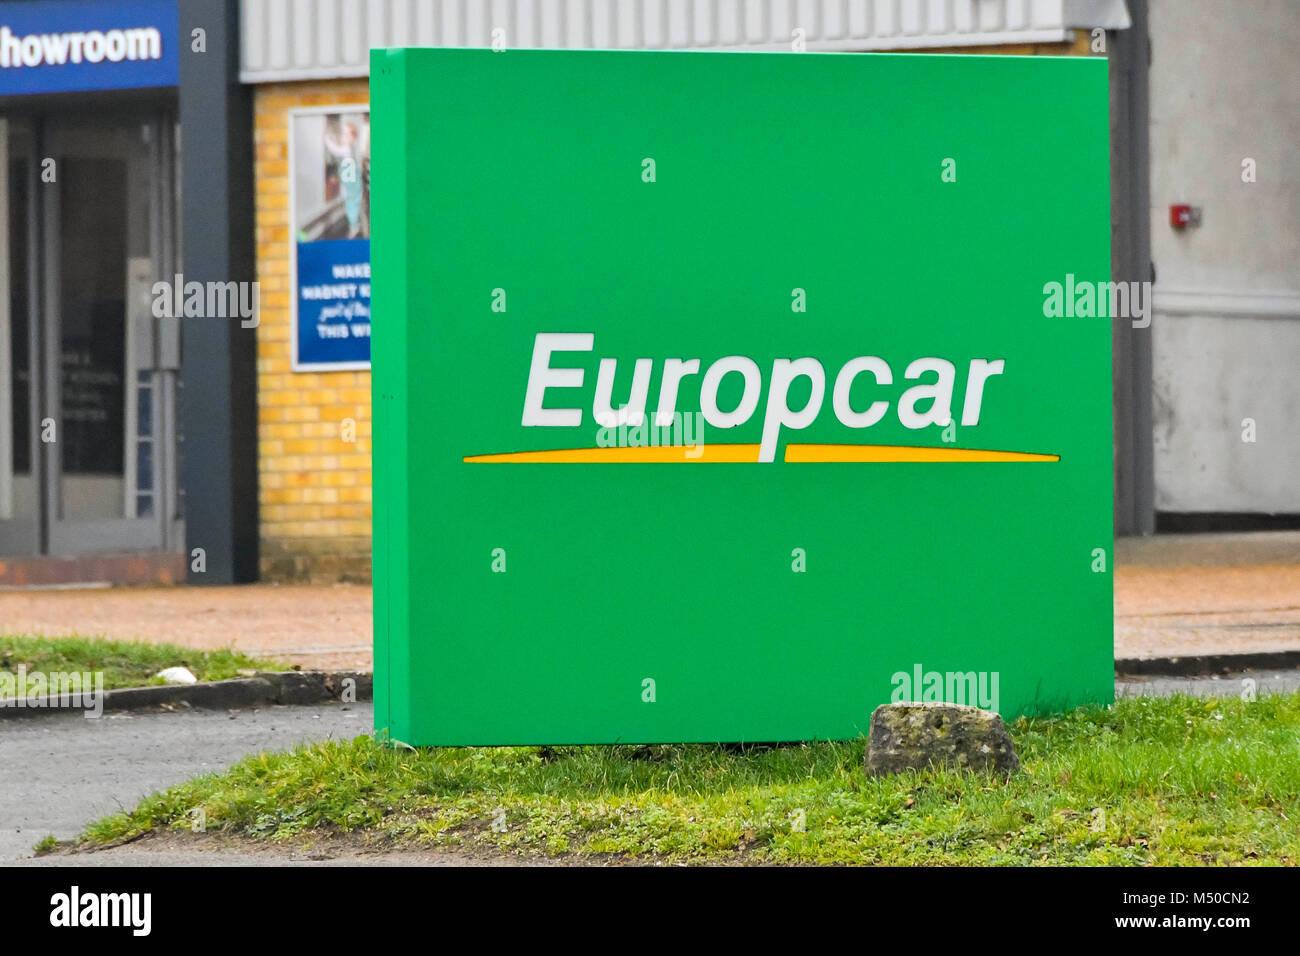 Poole Dorset Uk 19th February 2018 Europcar Car Hire In Poole